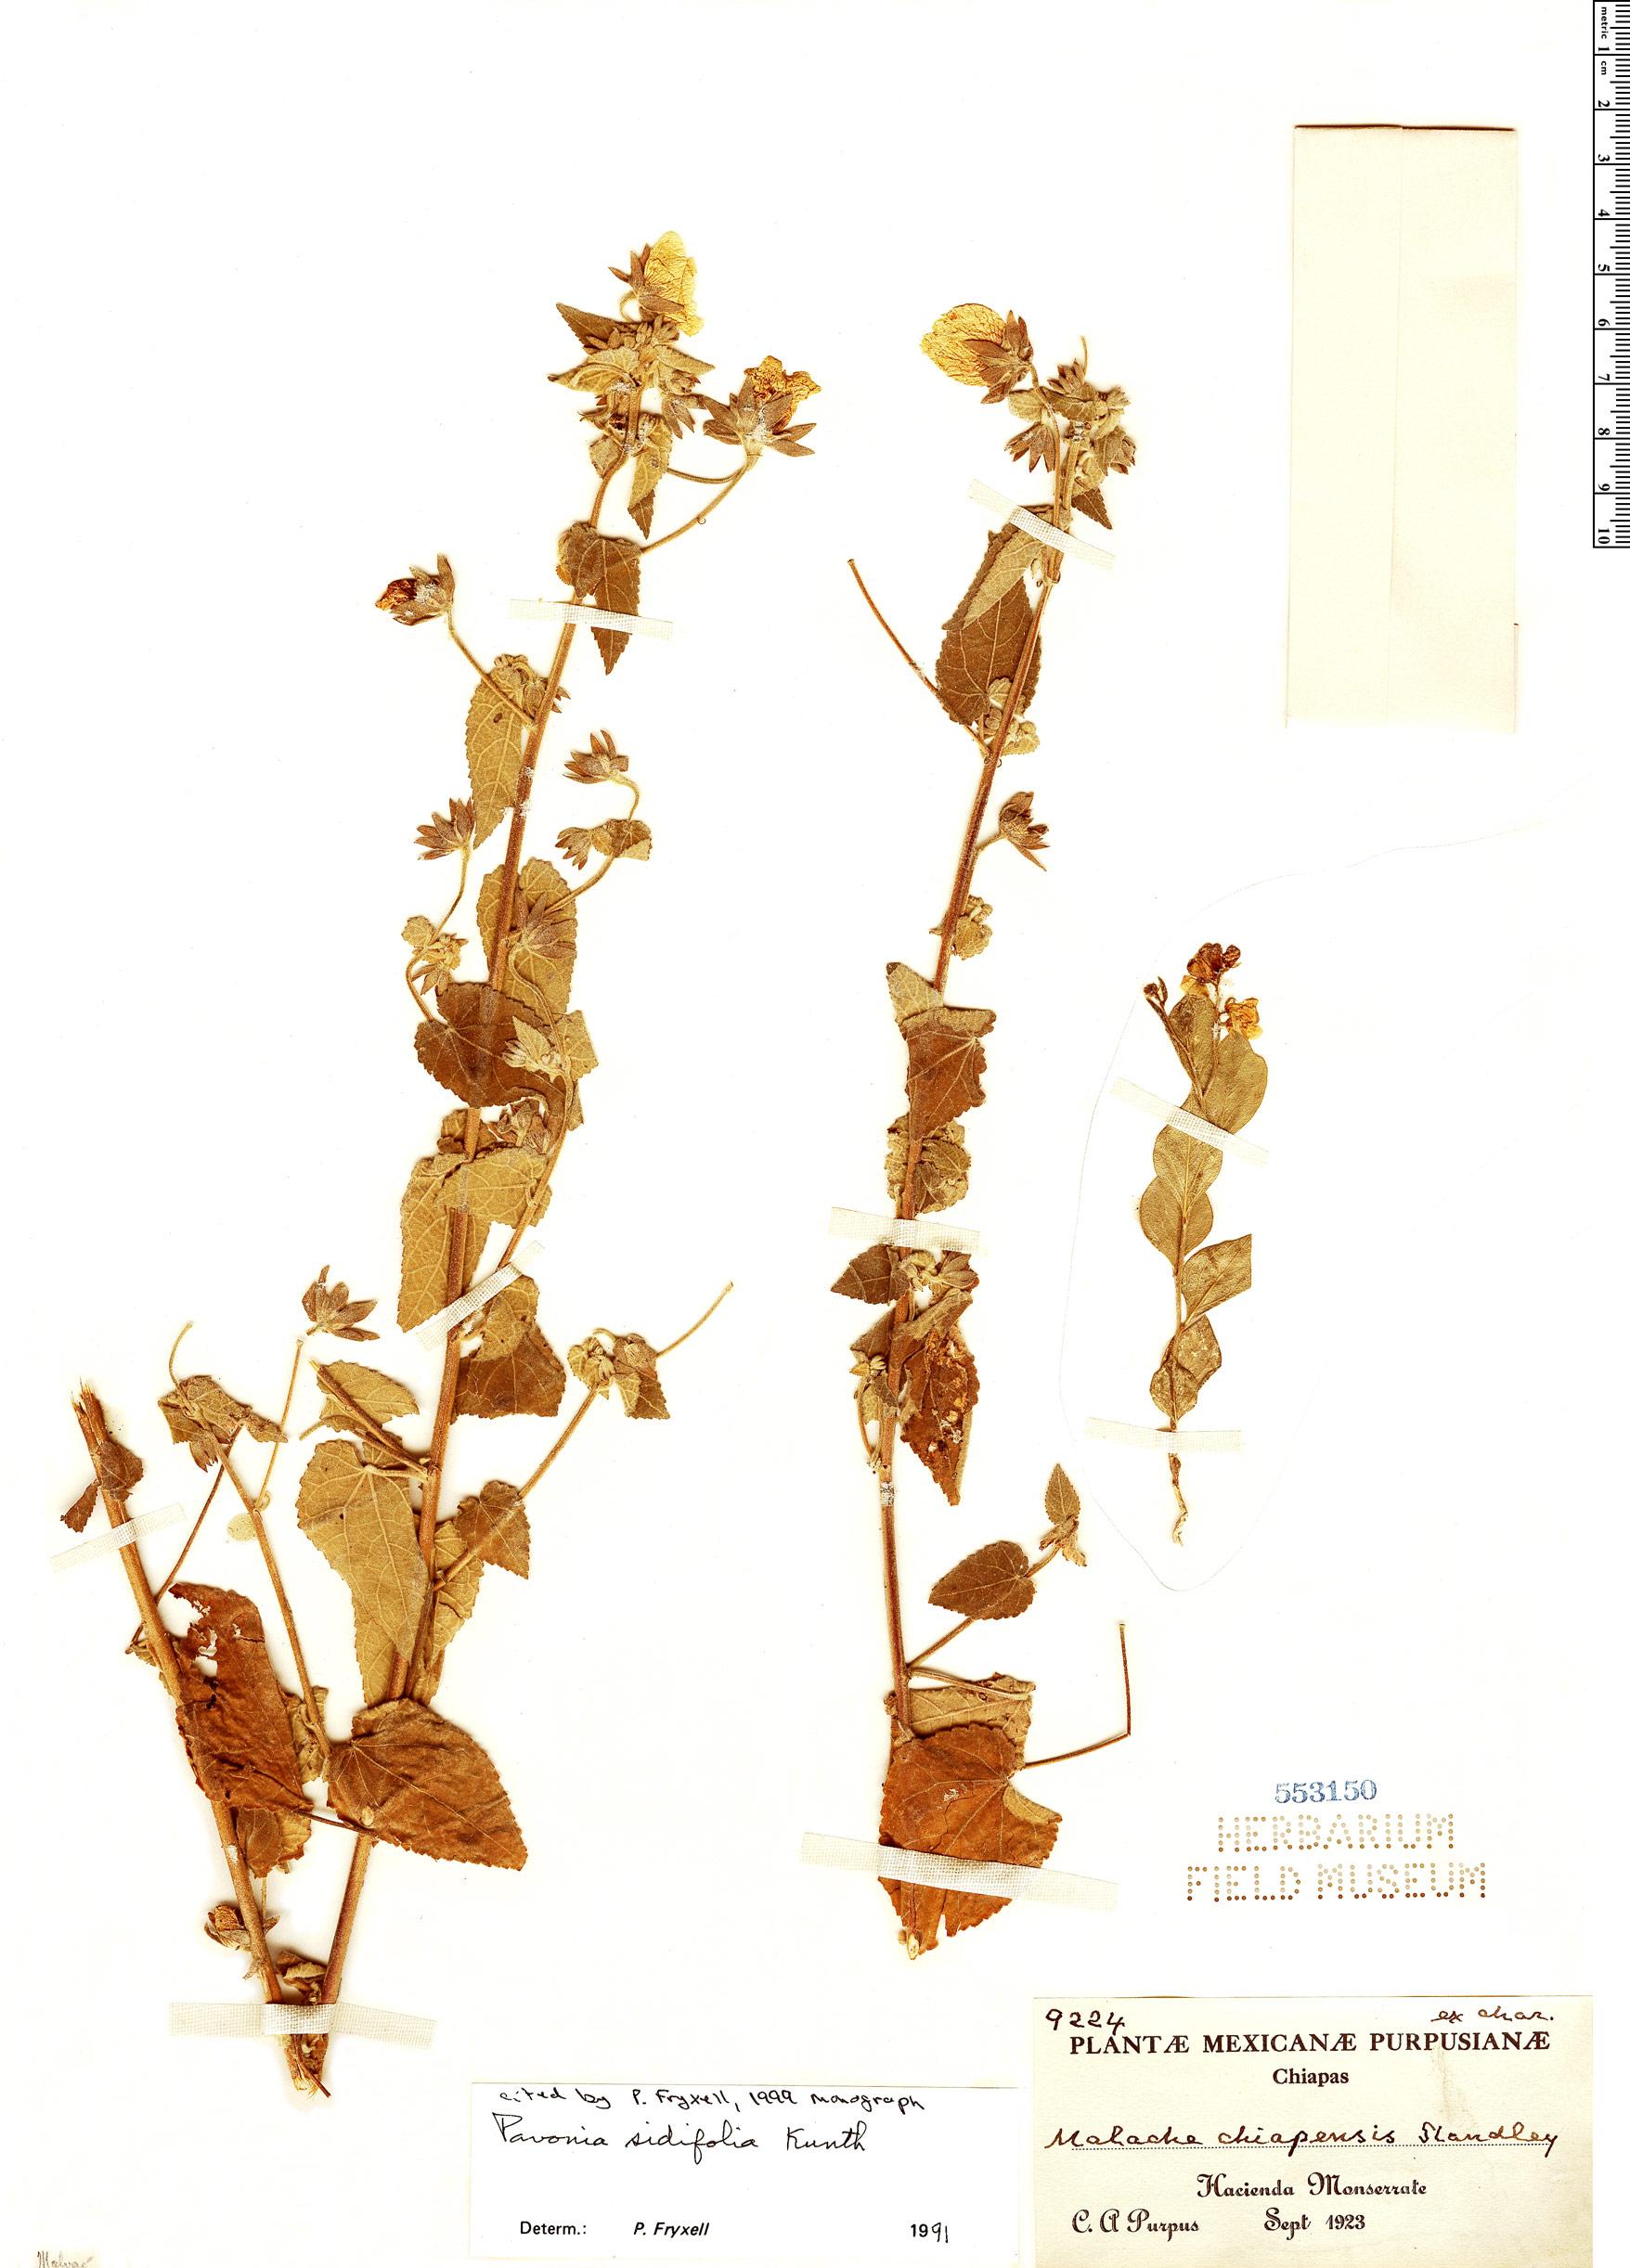 Specimen: Pavonia sidifolia